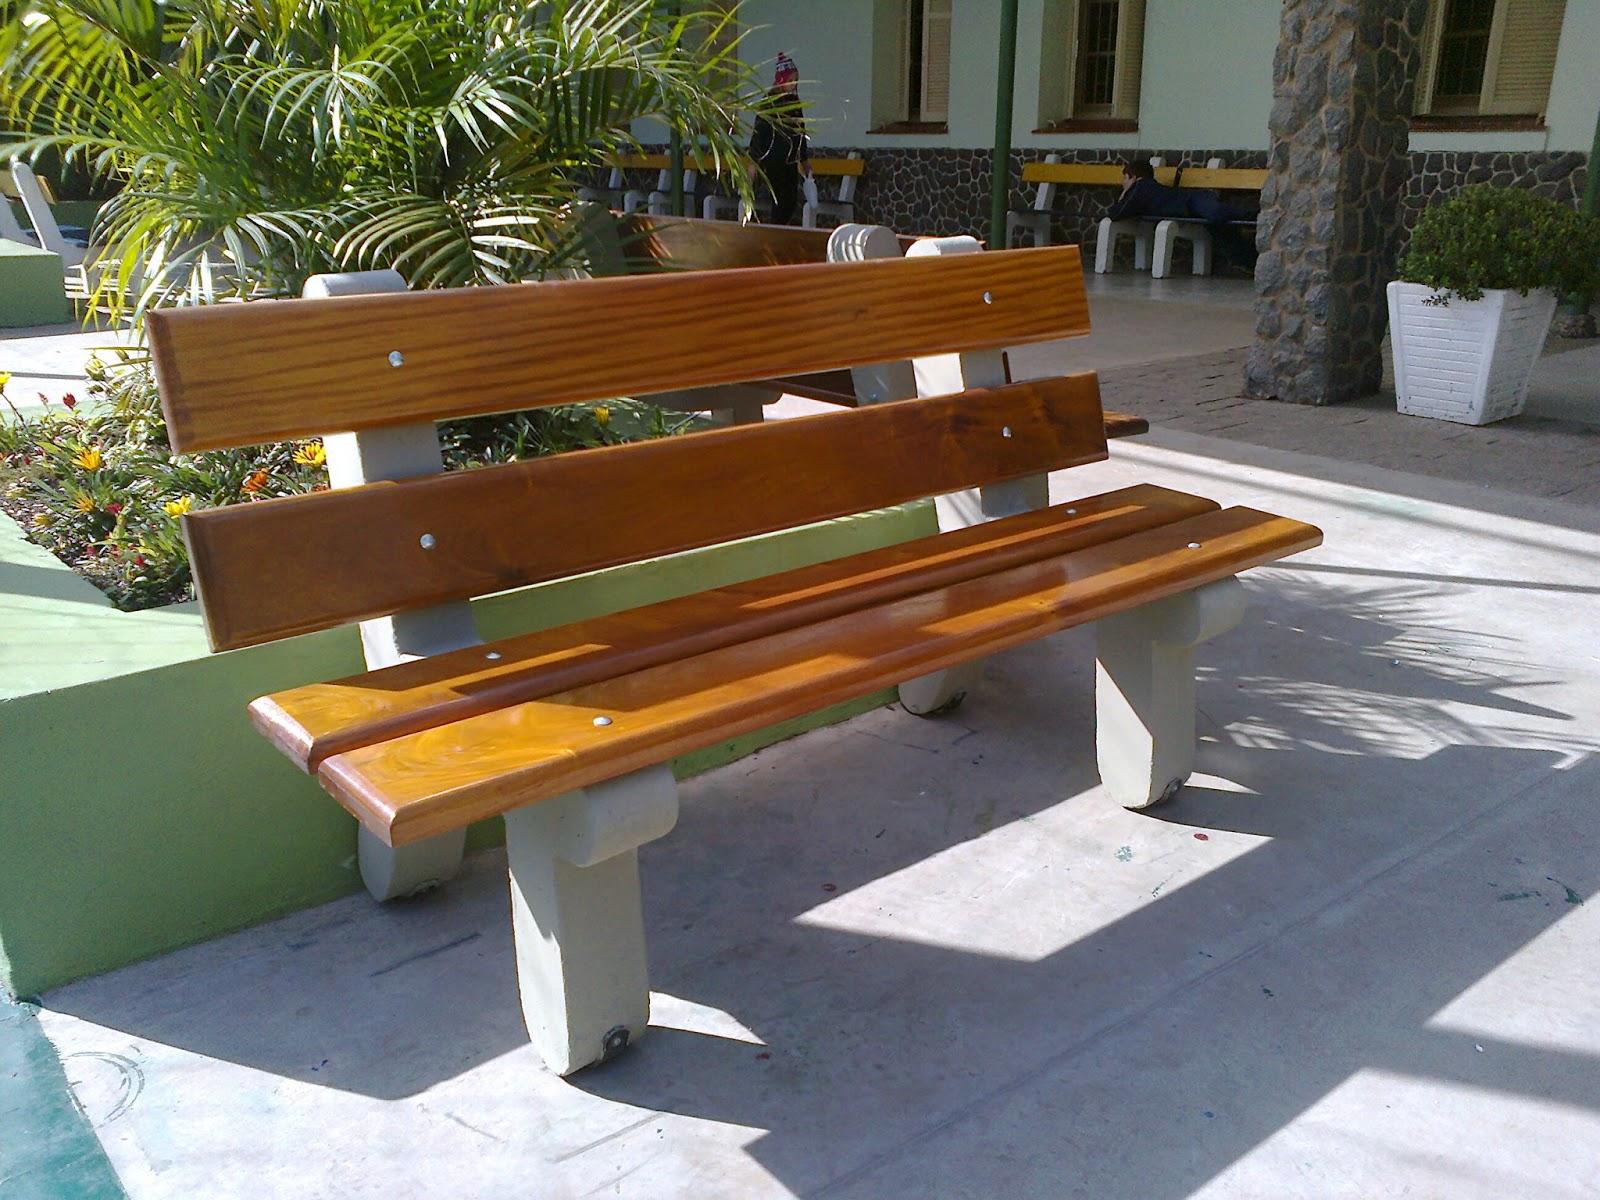 Bancos de jardim Bancos de praça Estrela Garden Paisagismo #A67125 1600x1200